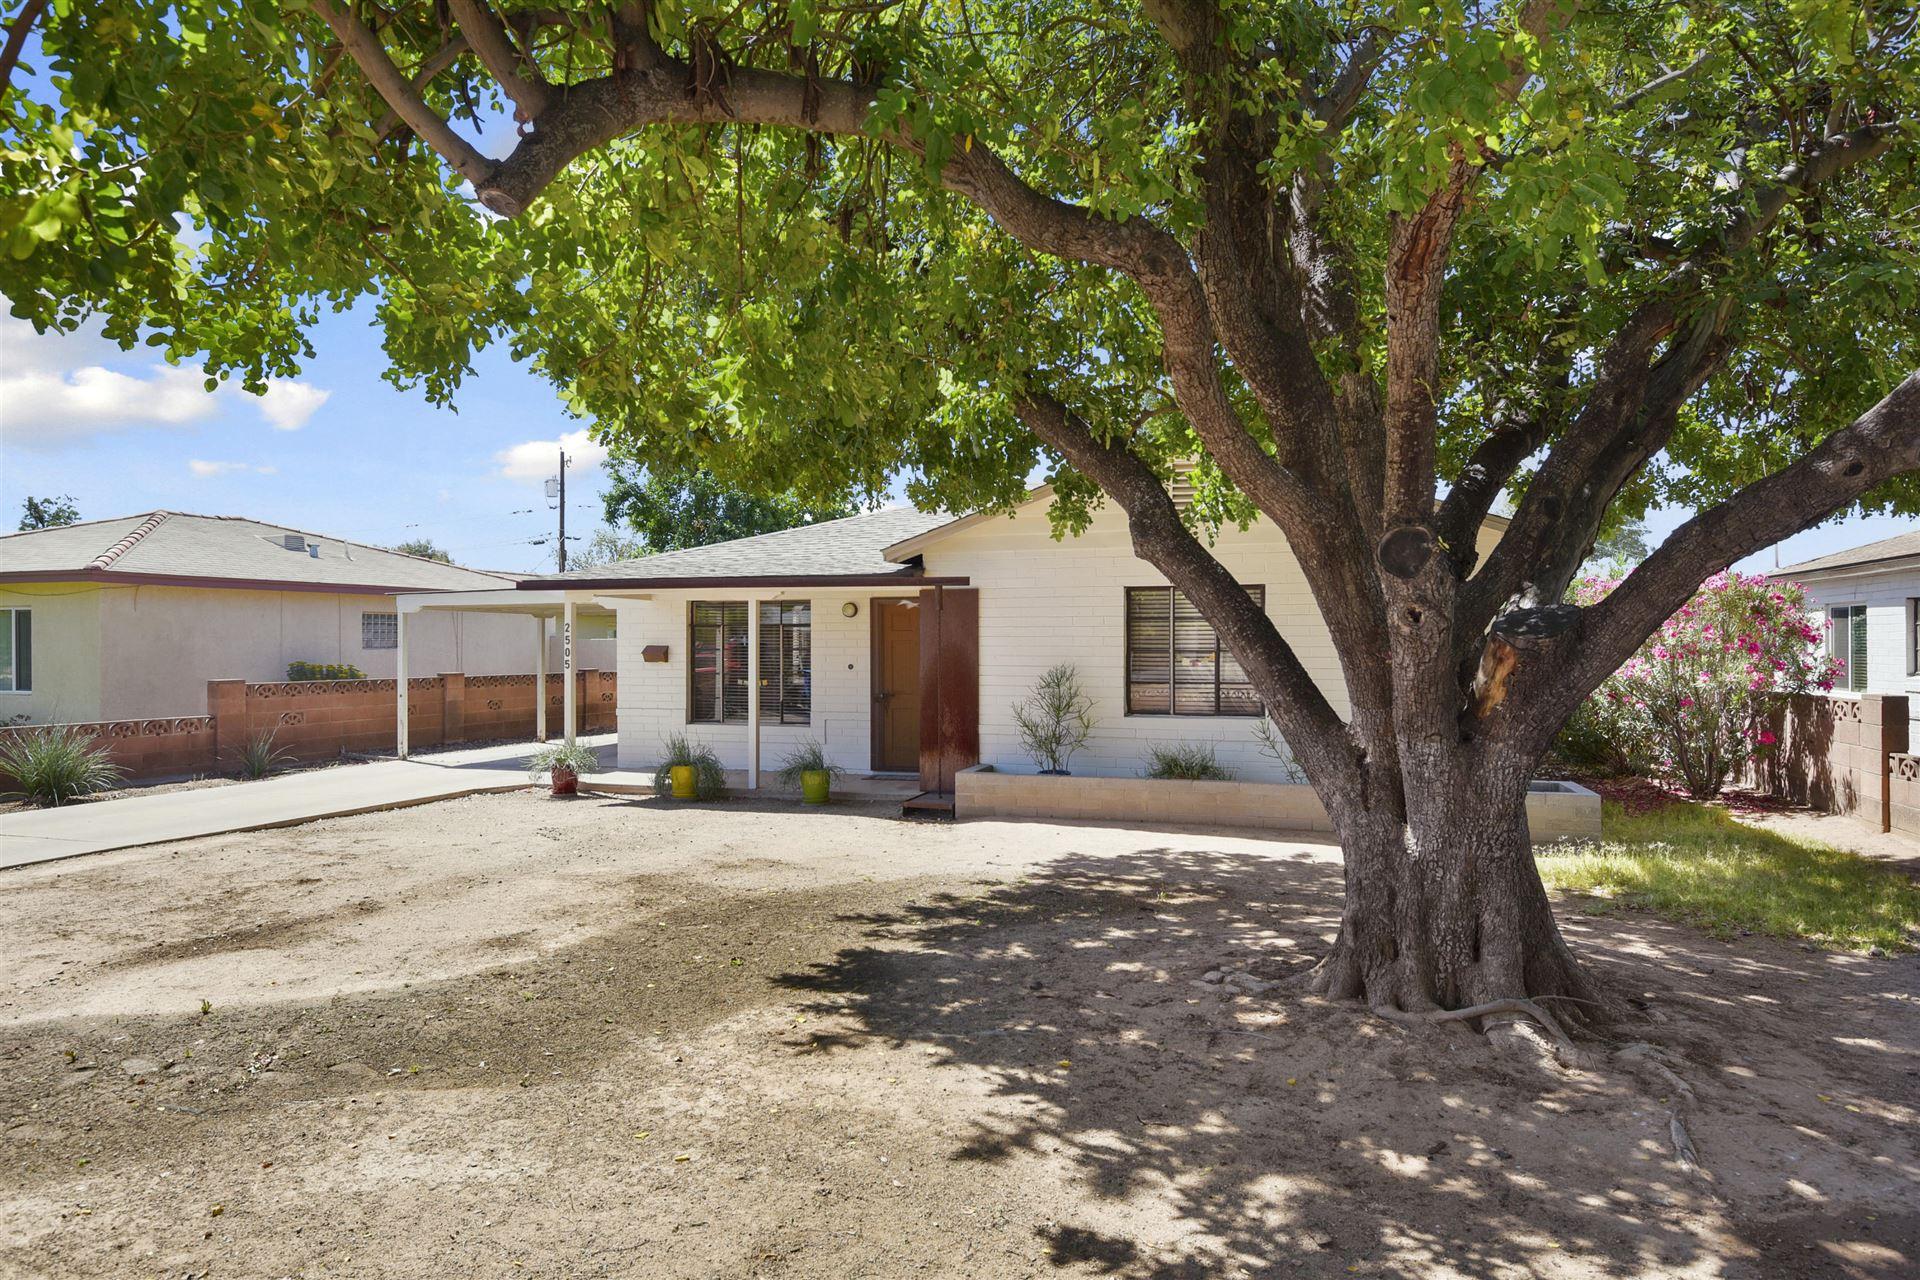 2505 E CHEERY LYNN Road, Phoenix, AZ 85016 - #: 6233059